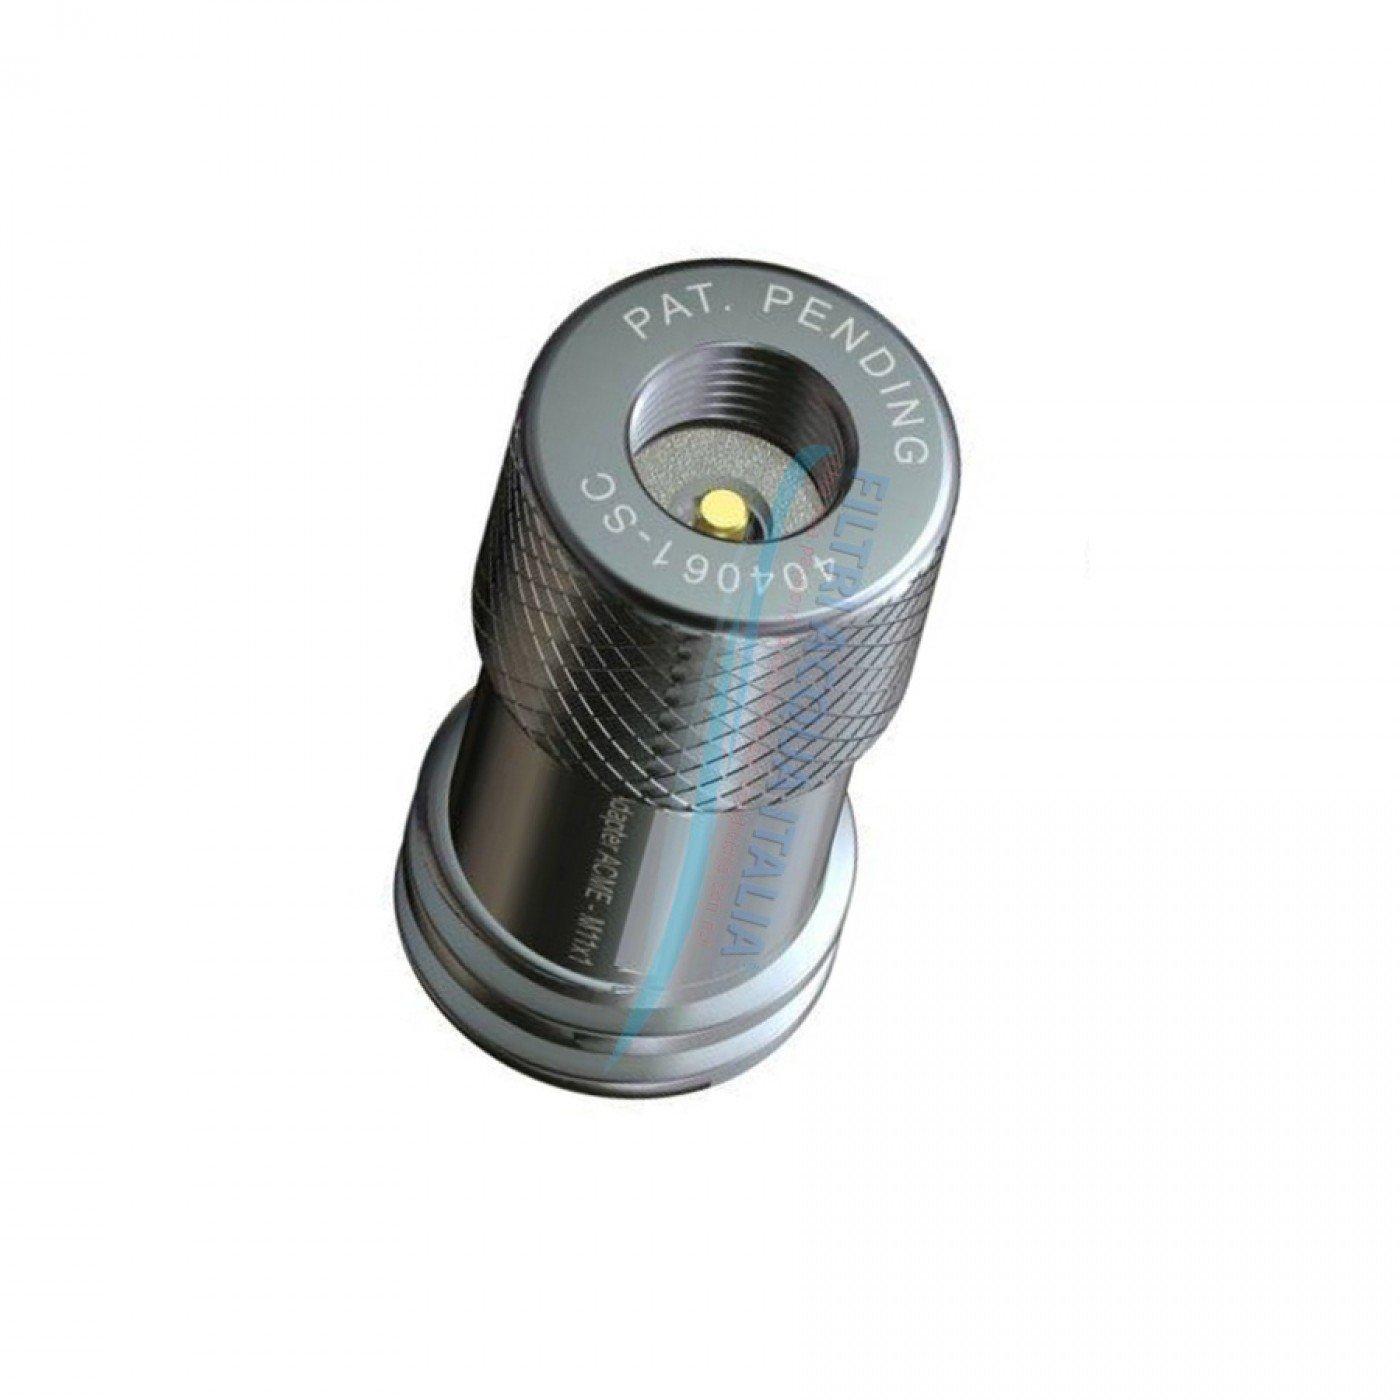 Adattatore Bombole Co2 E290 Usa e Getta 600